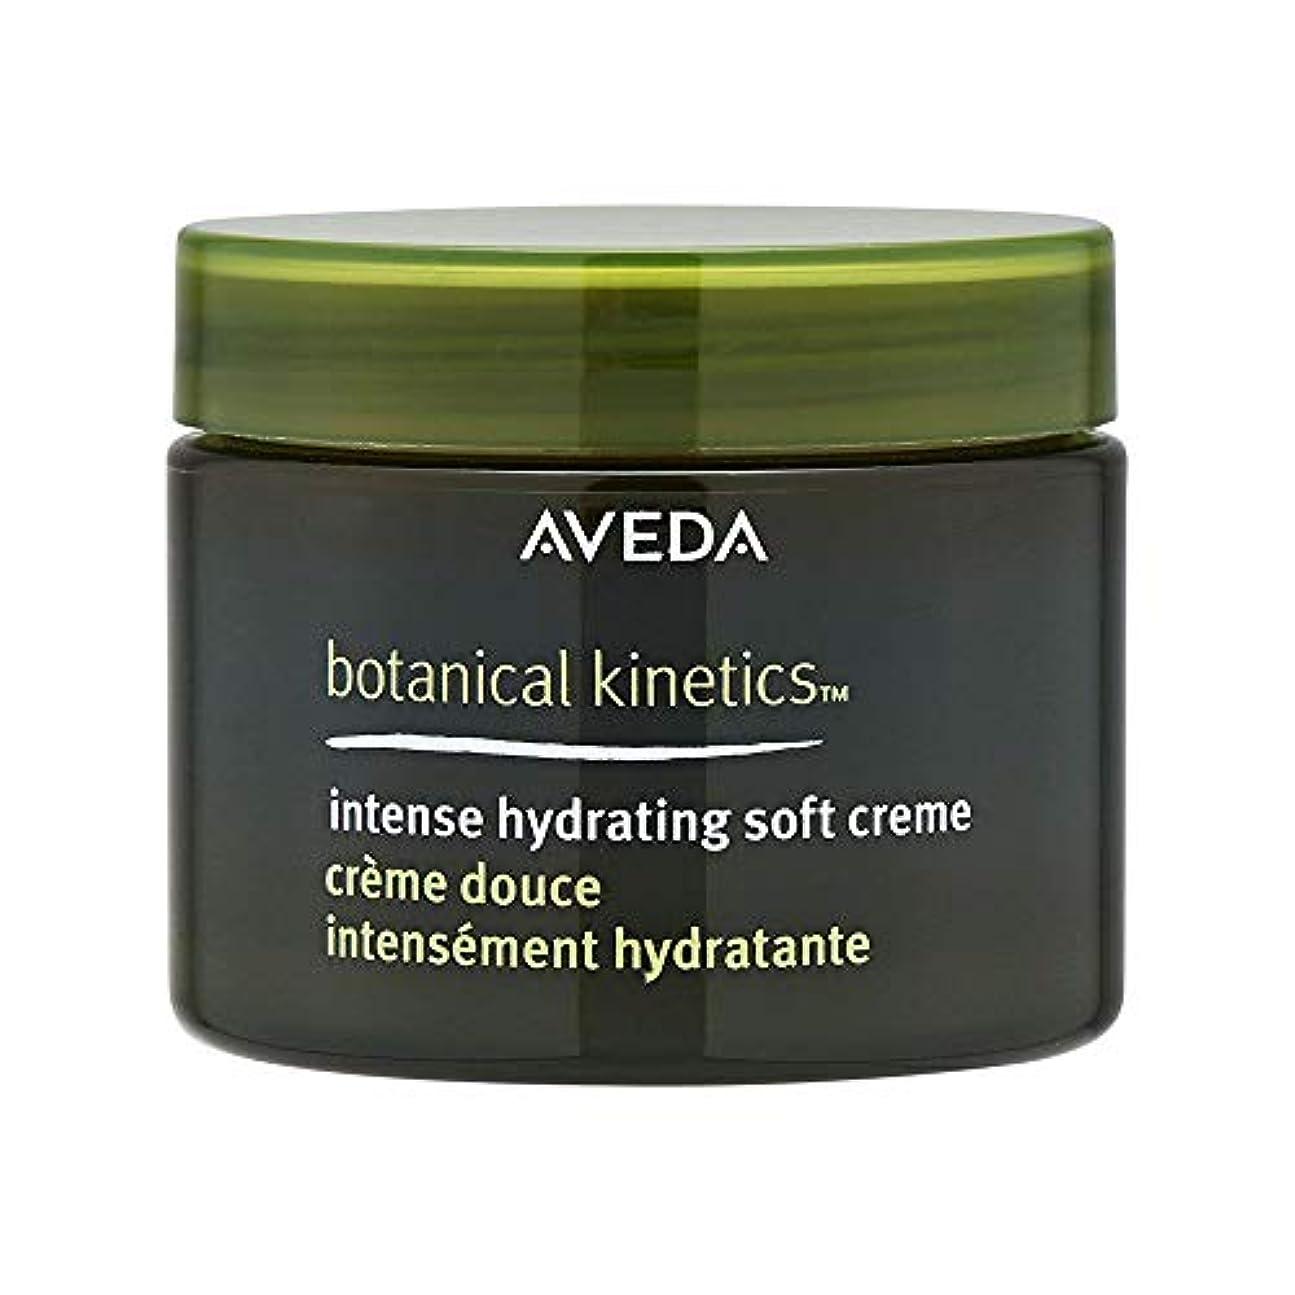 浴室克服する追加するAVEDA アヴェダ ボタニカル キネティクス インテンス ハイドレイティング クリーム ソフト 50ml [並行輸入品]